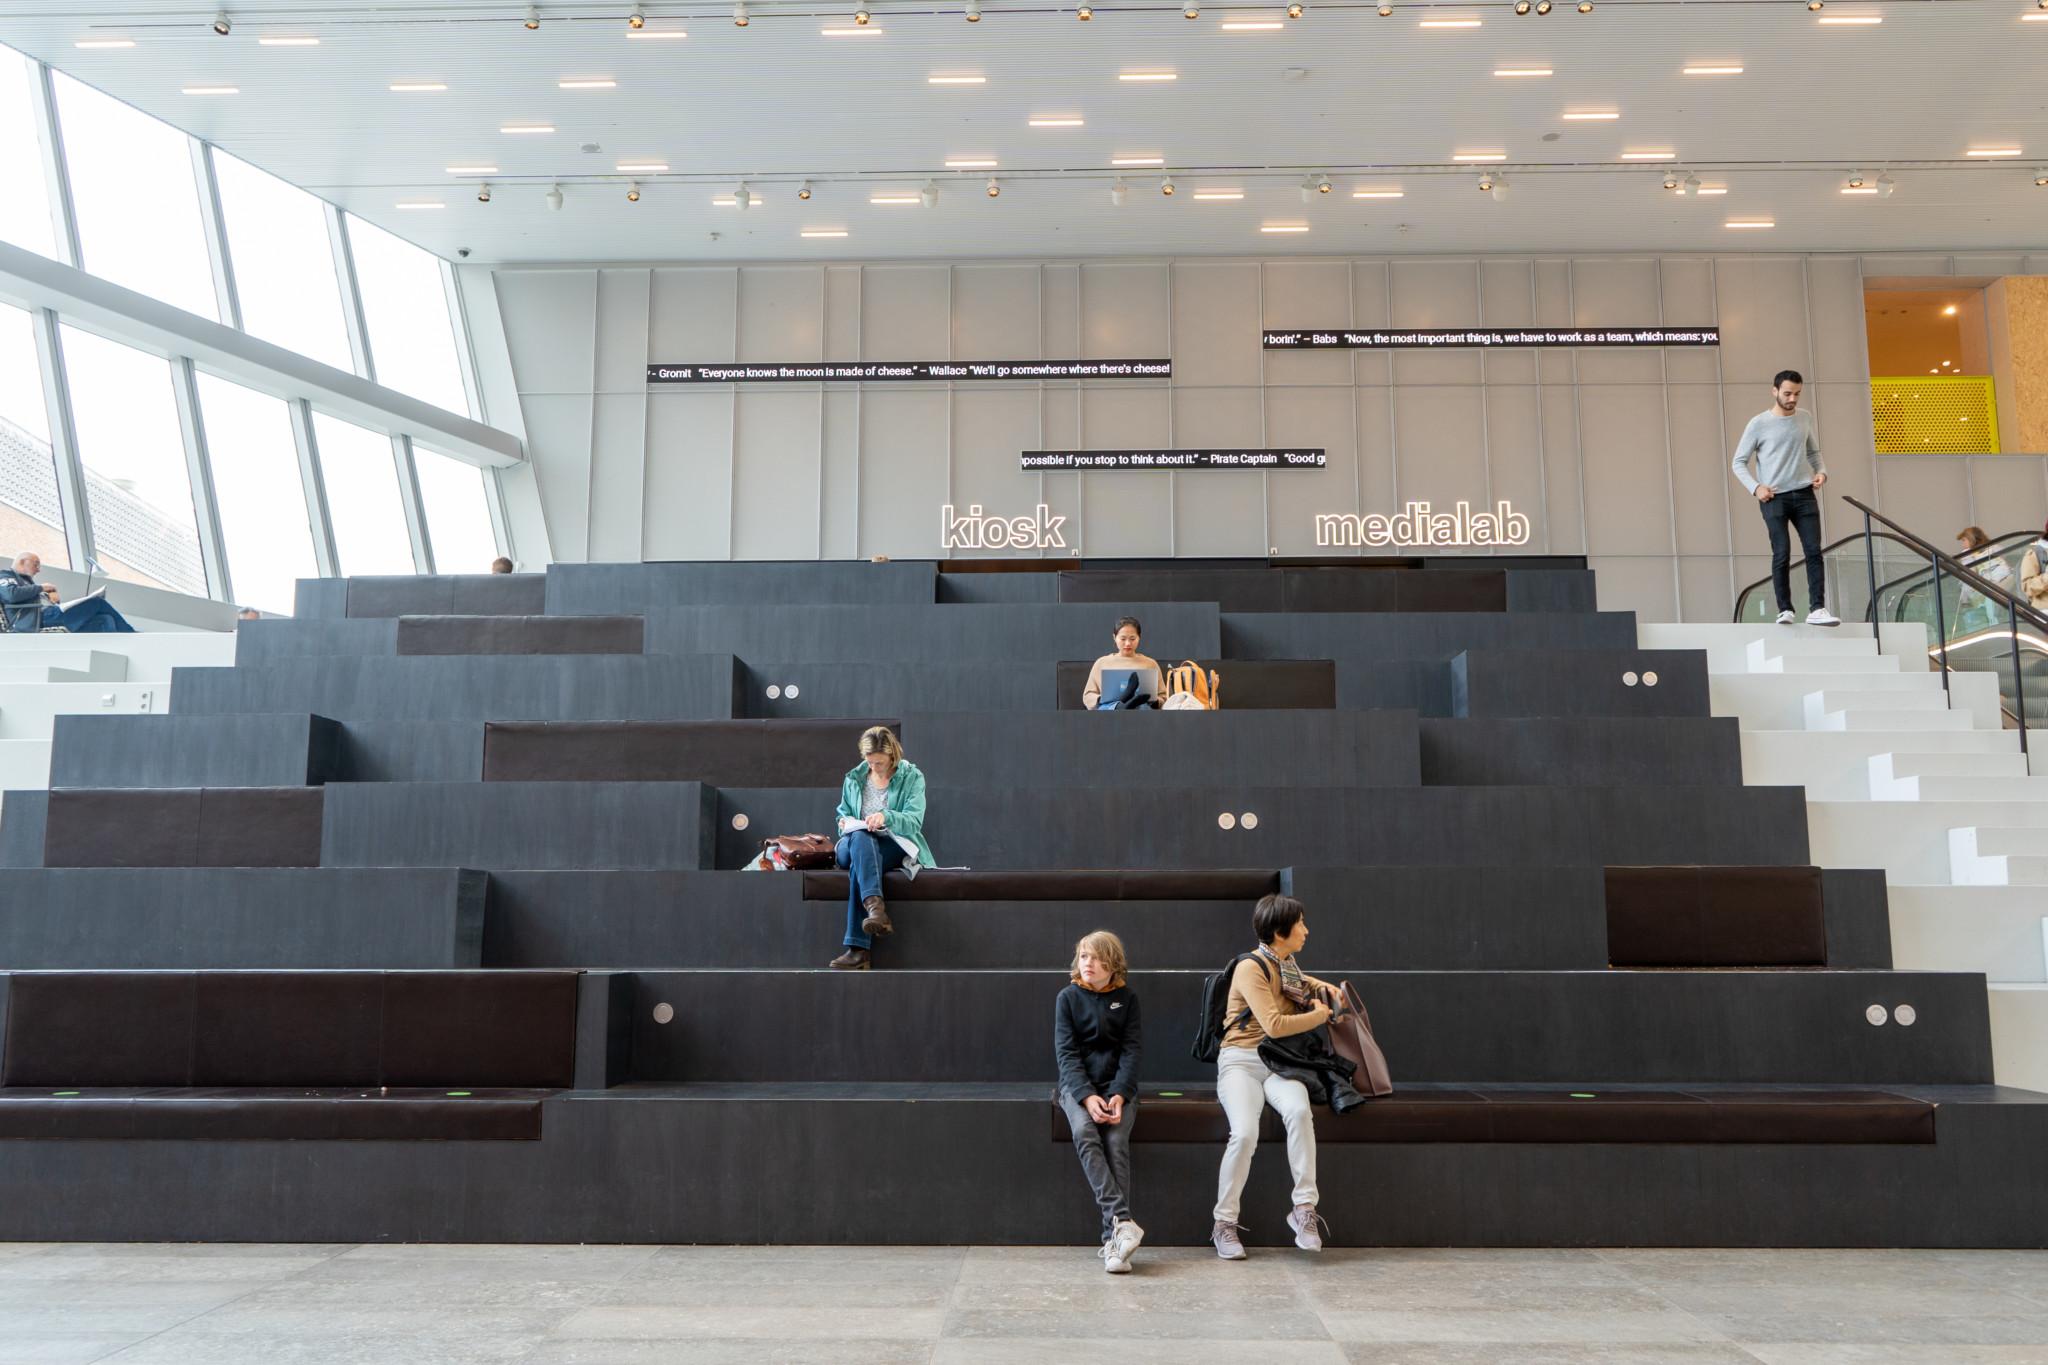 Das moderne Forum Groningen